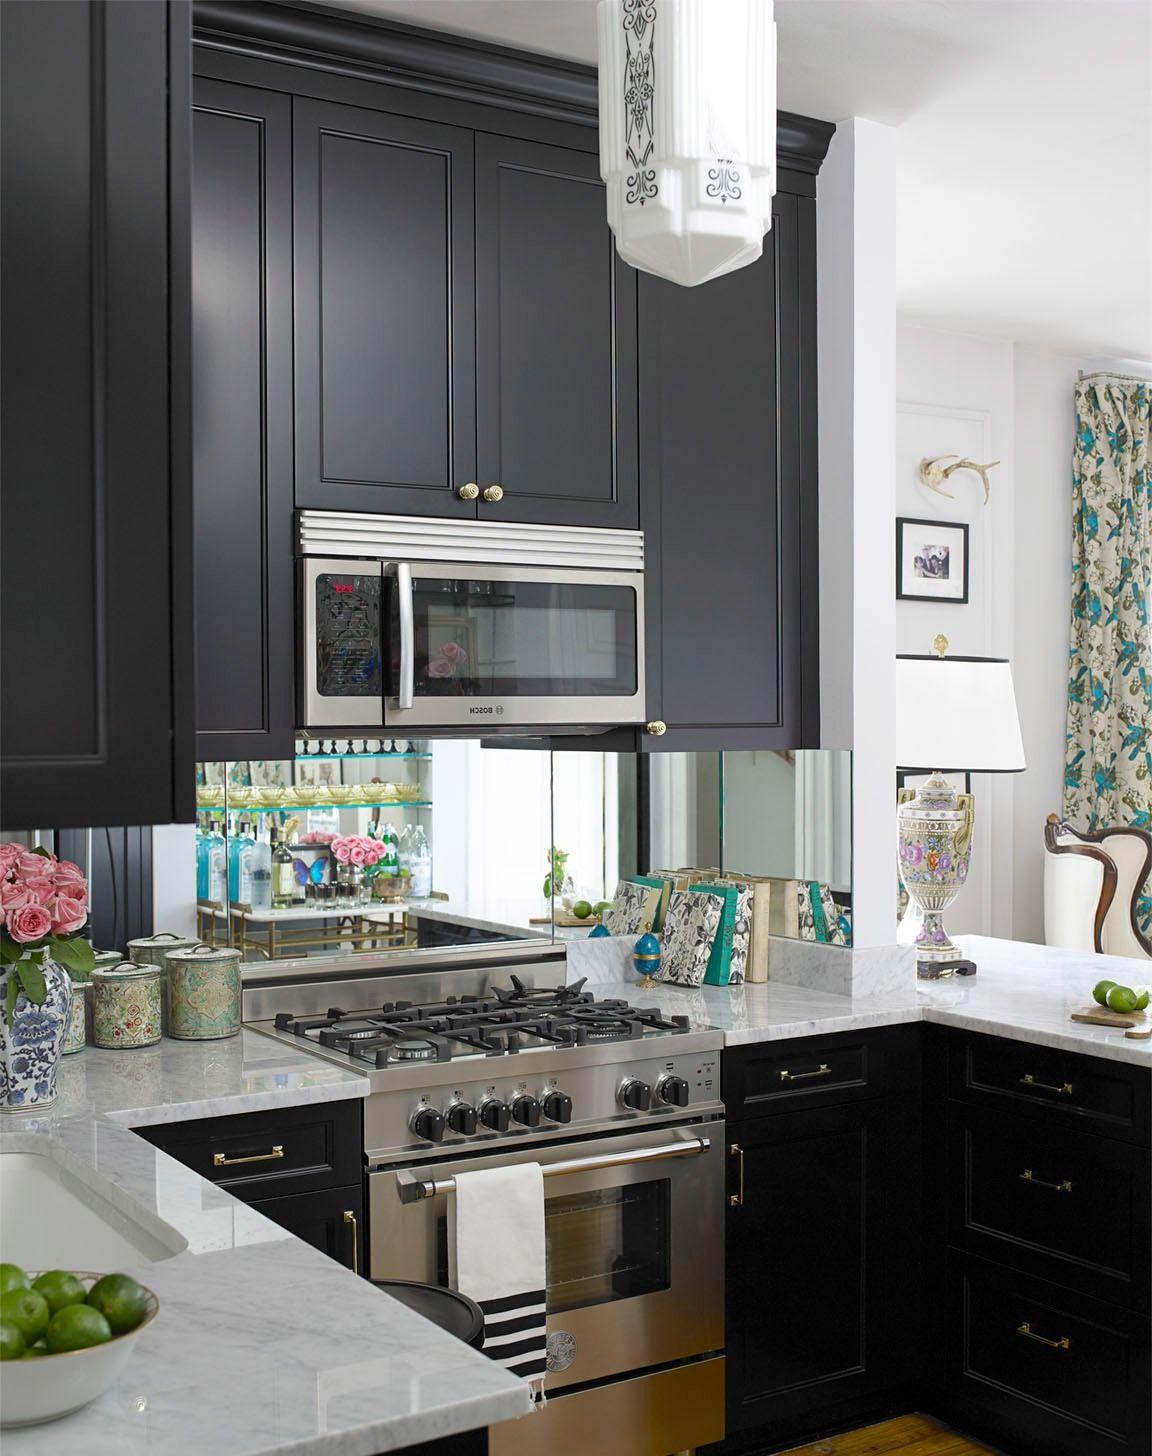 Zu Machen, wie die Küche Sieht Atemberaubend, mit Kleiner Küche Design Bilder mit Bildern ...